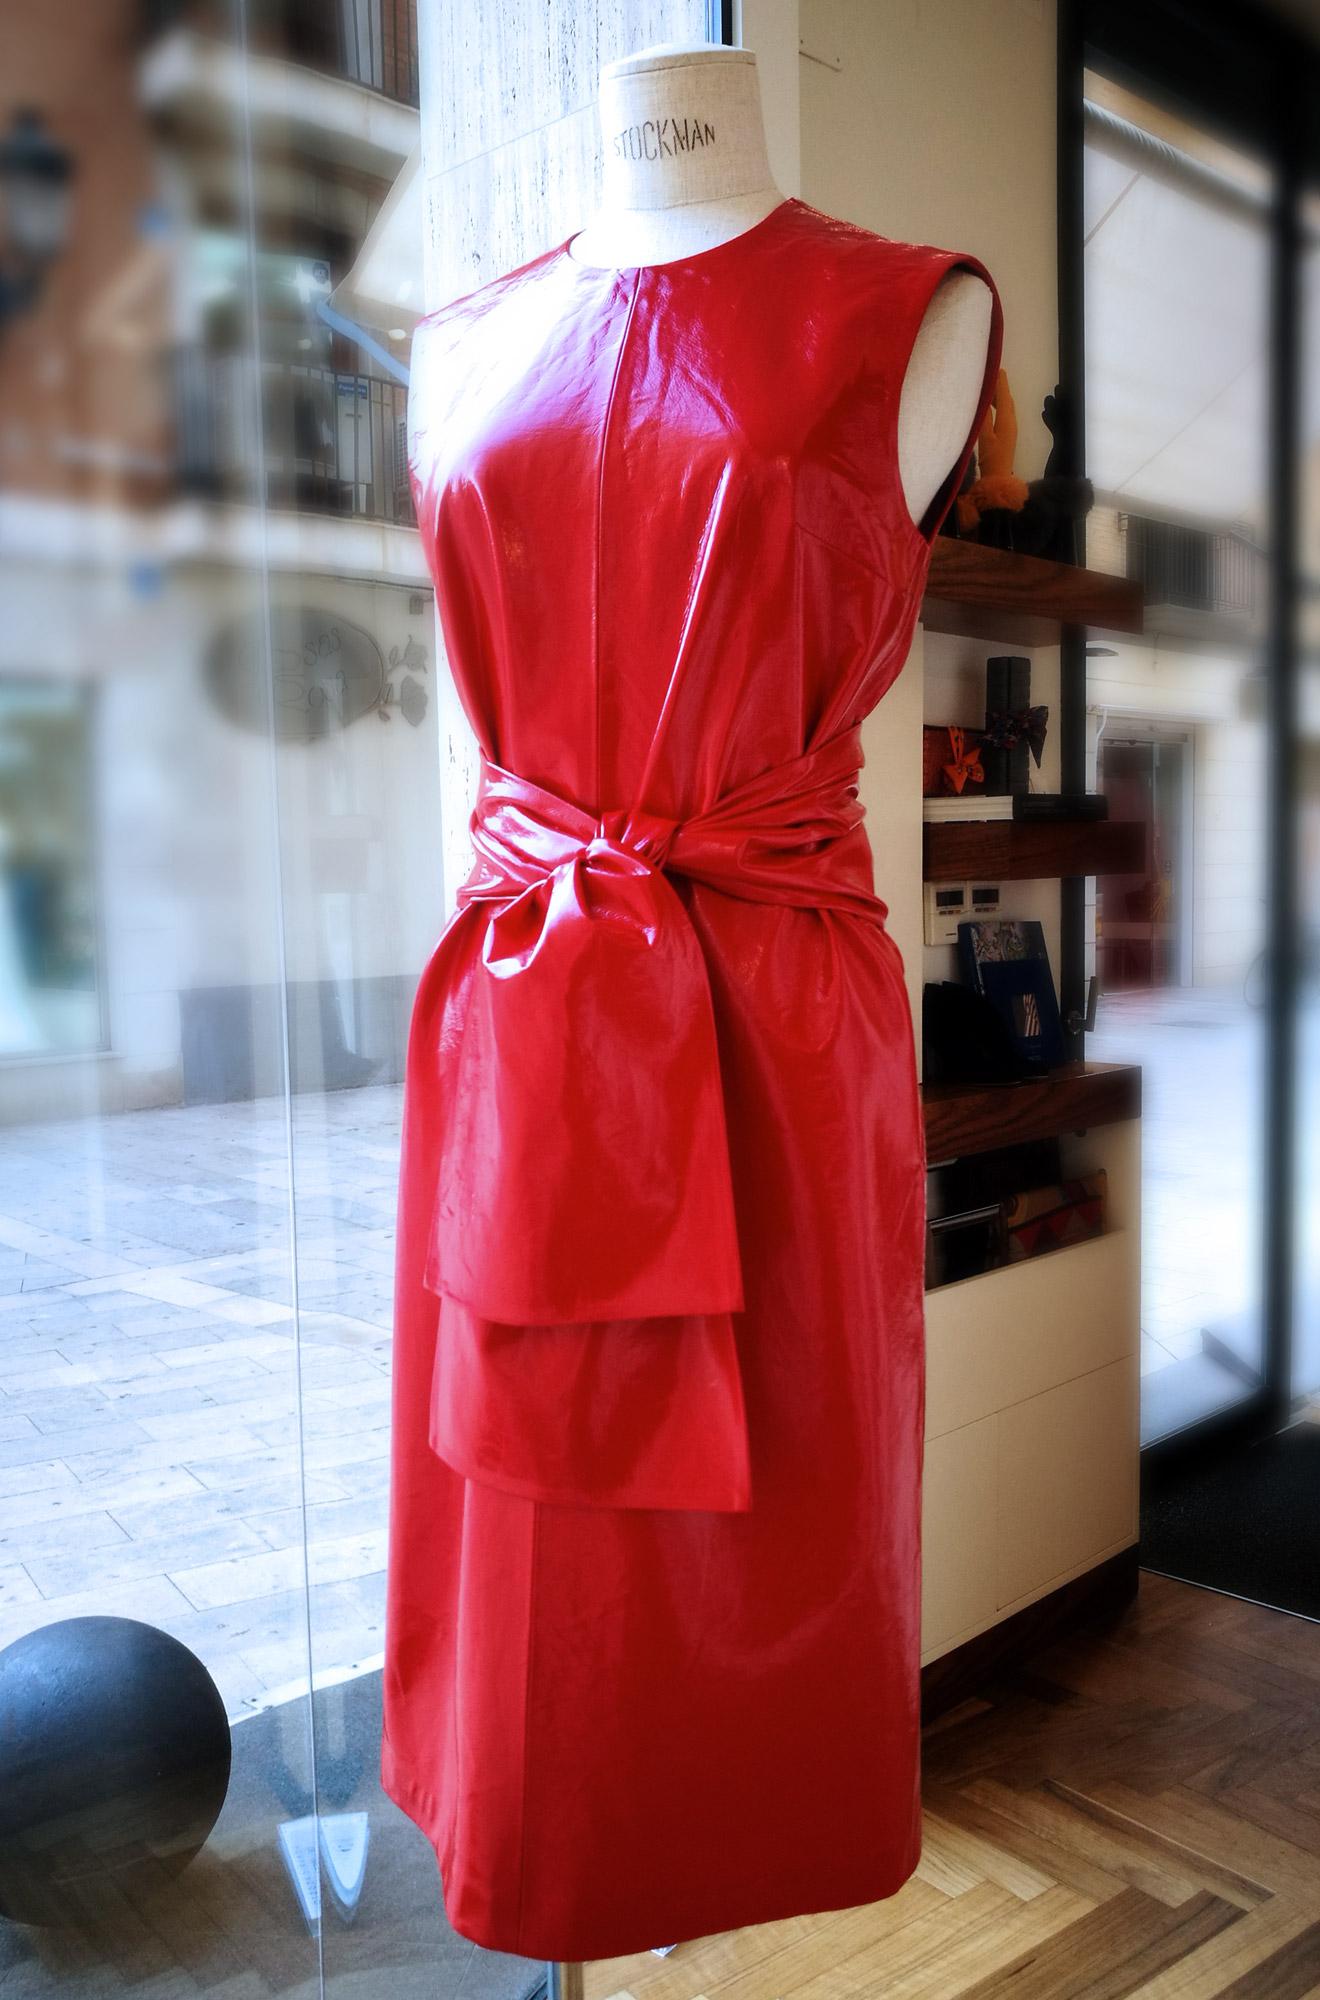 Vestidos rojos ala moda para mujer